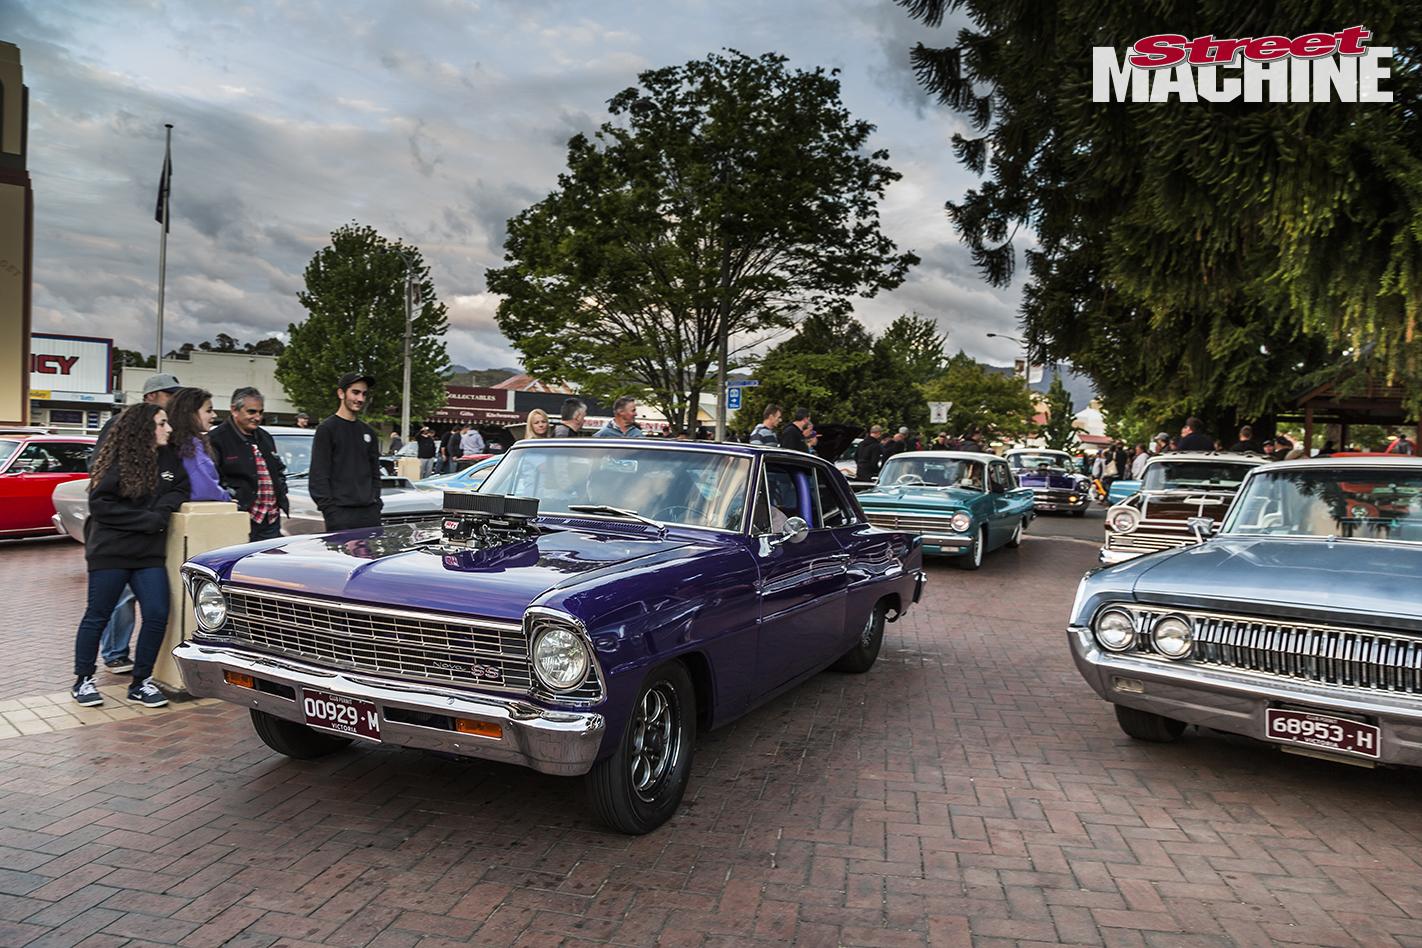 844 1967 Chevrolet Nova